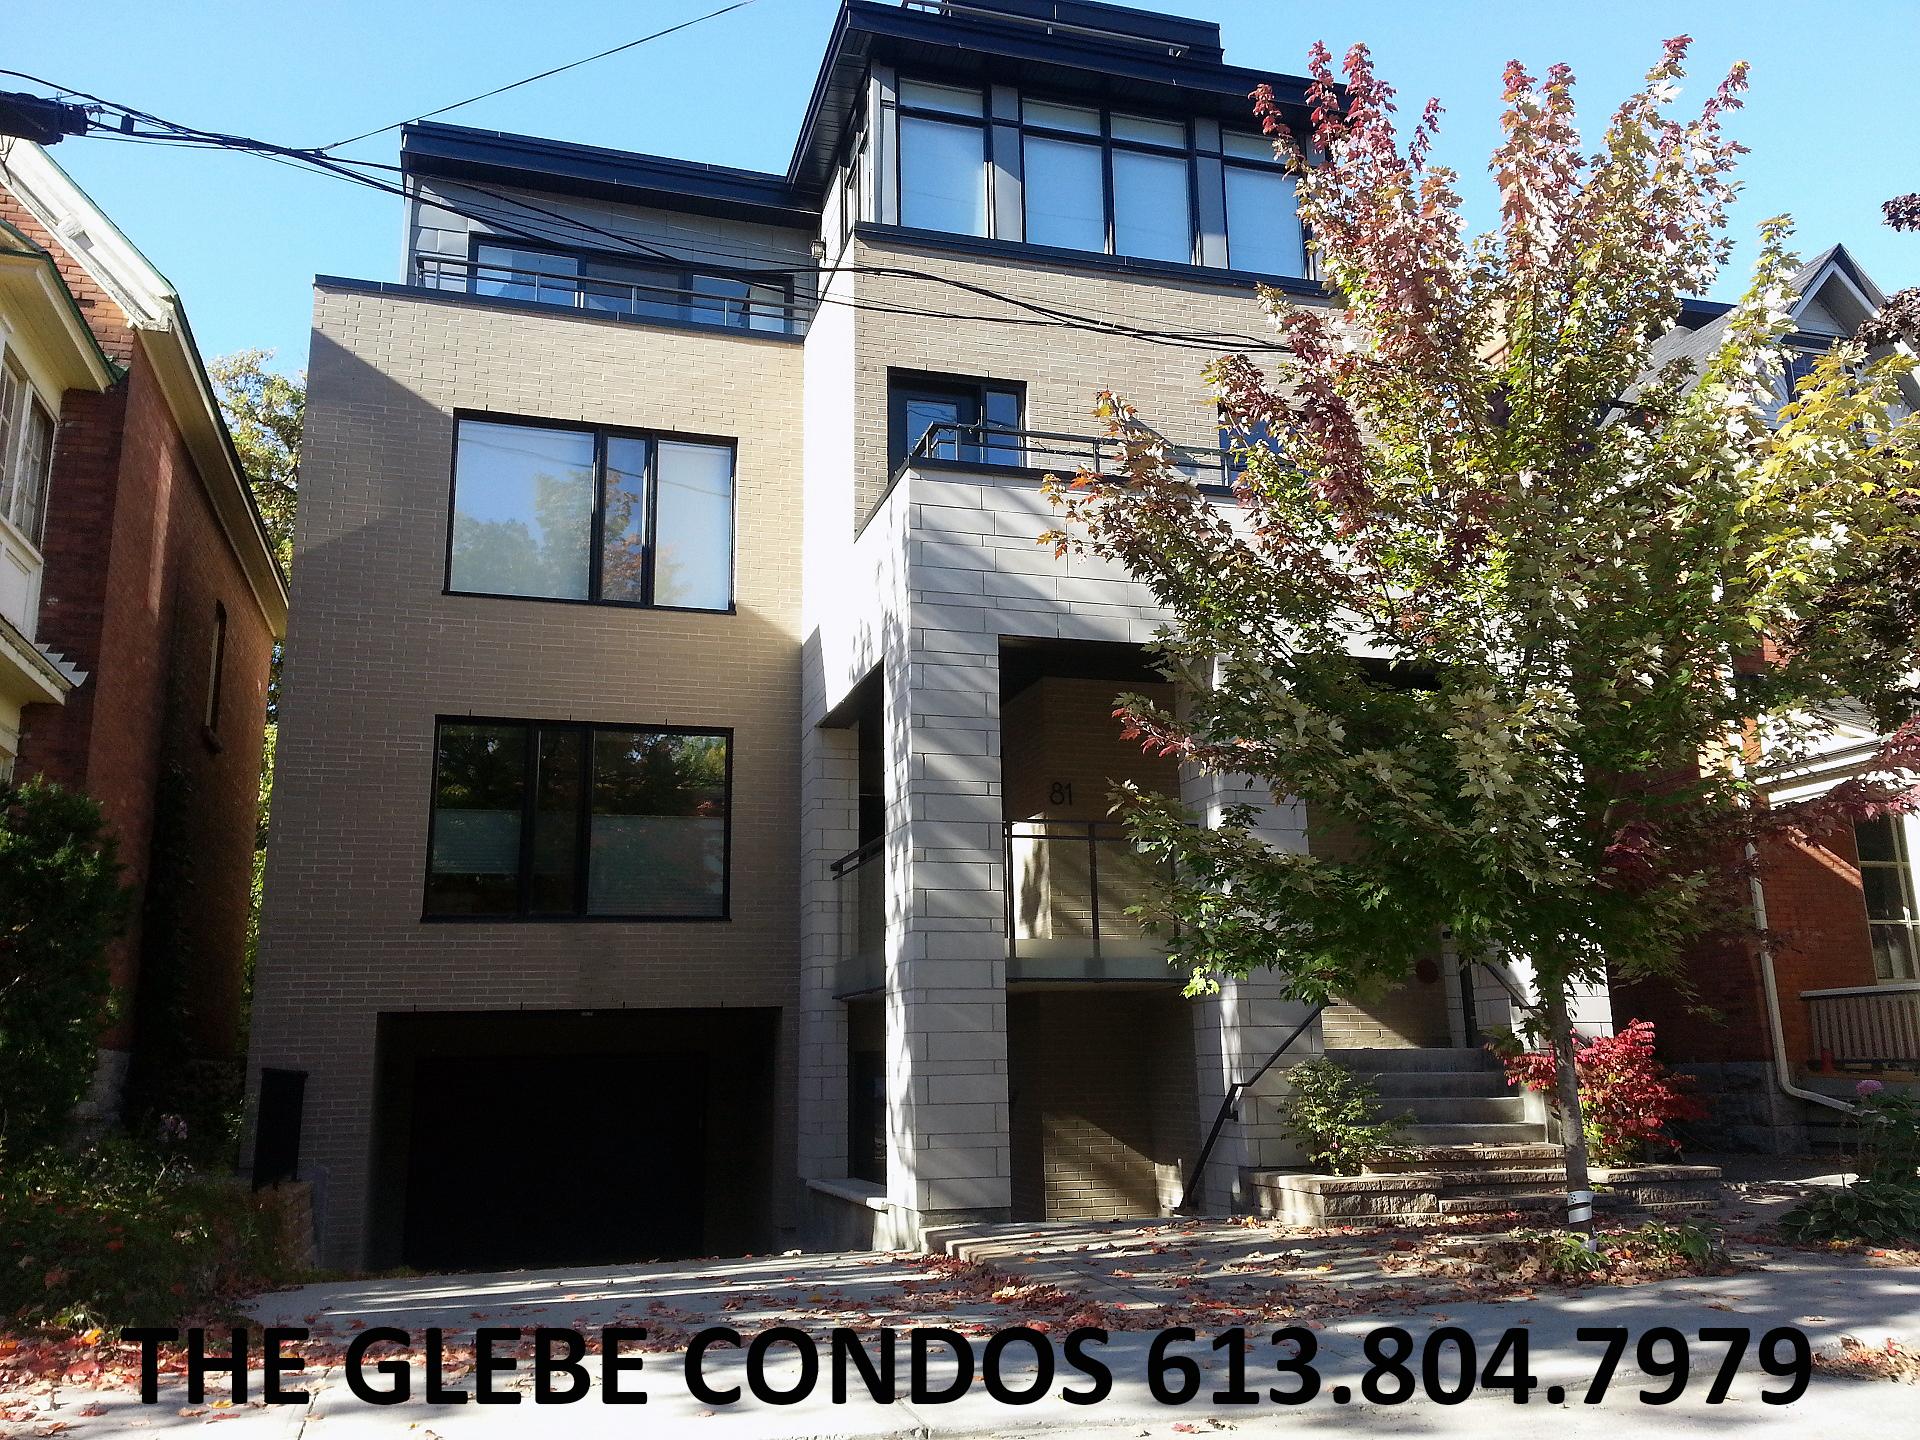 Ottawa Condos For Sale The Glebe 81 Fourth Avenue